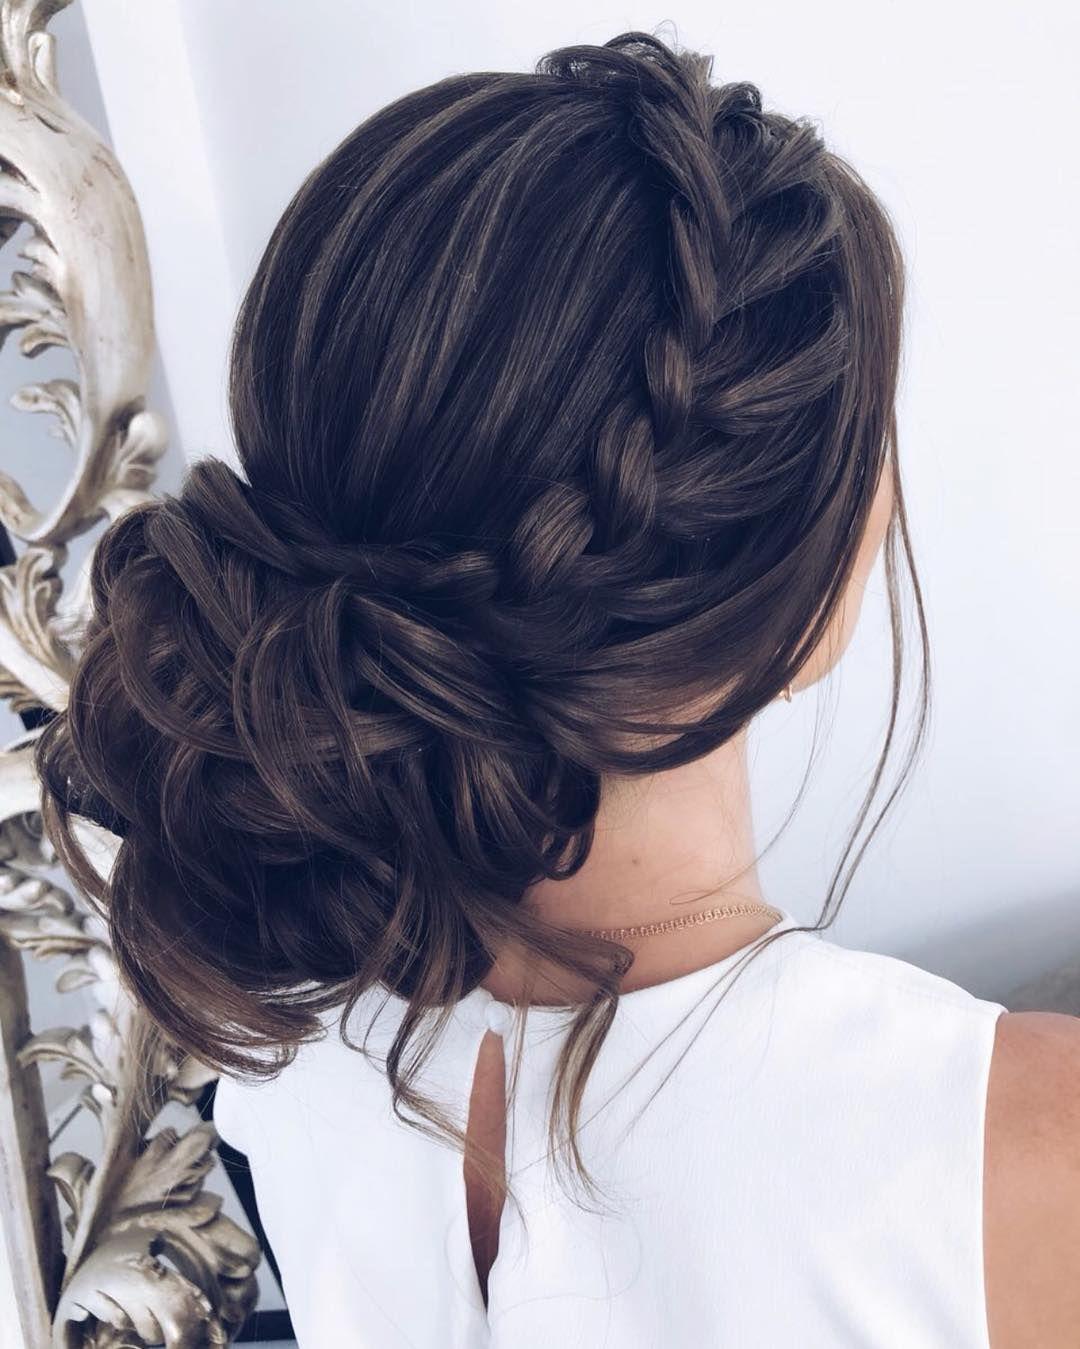 Brautfrisuren: Die schönsten Brautfrisuren -Looks 2019 – lass dich inspirieren! – Page 30 of 69 – hochzeitskleider-damenmode.de – Diana – Hair Styles